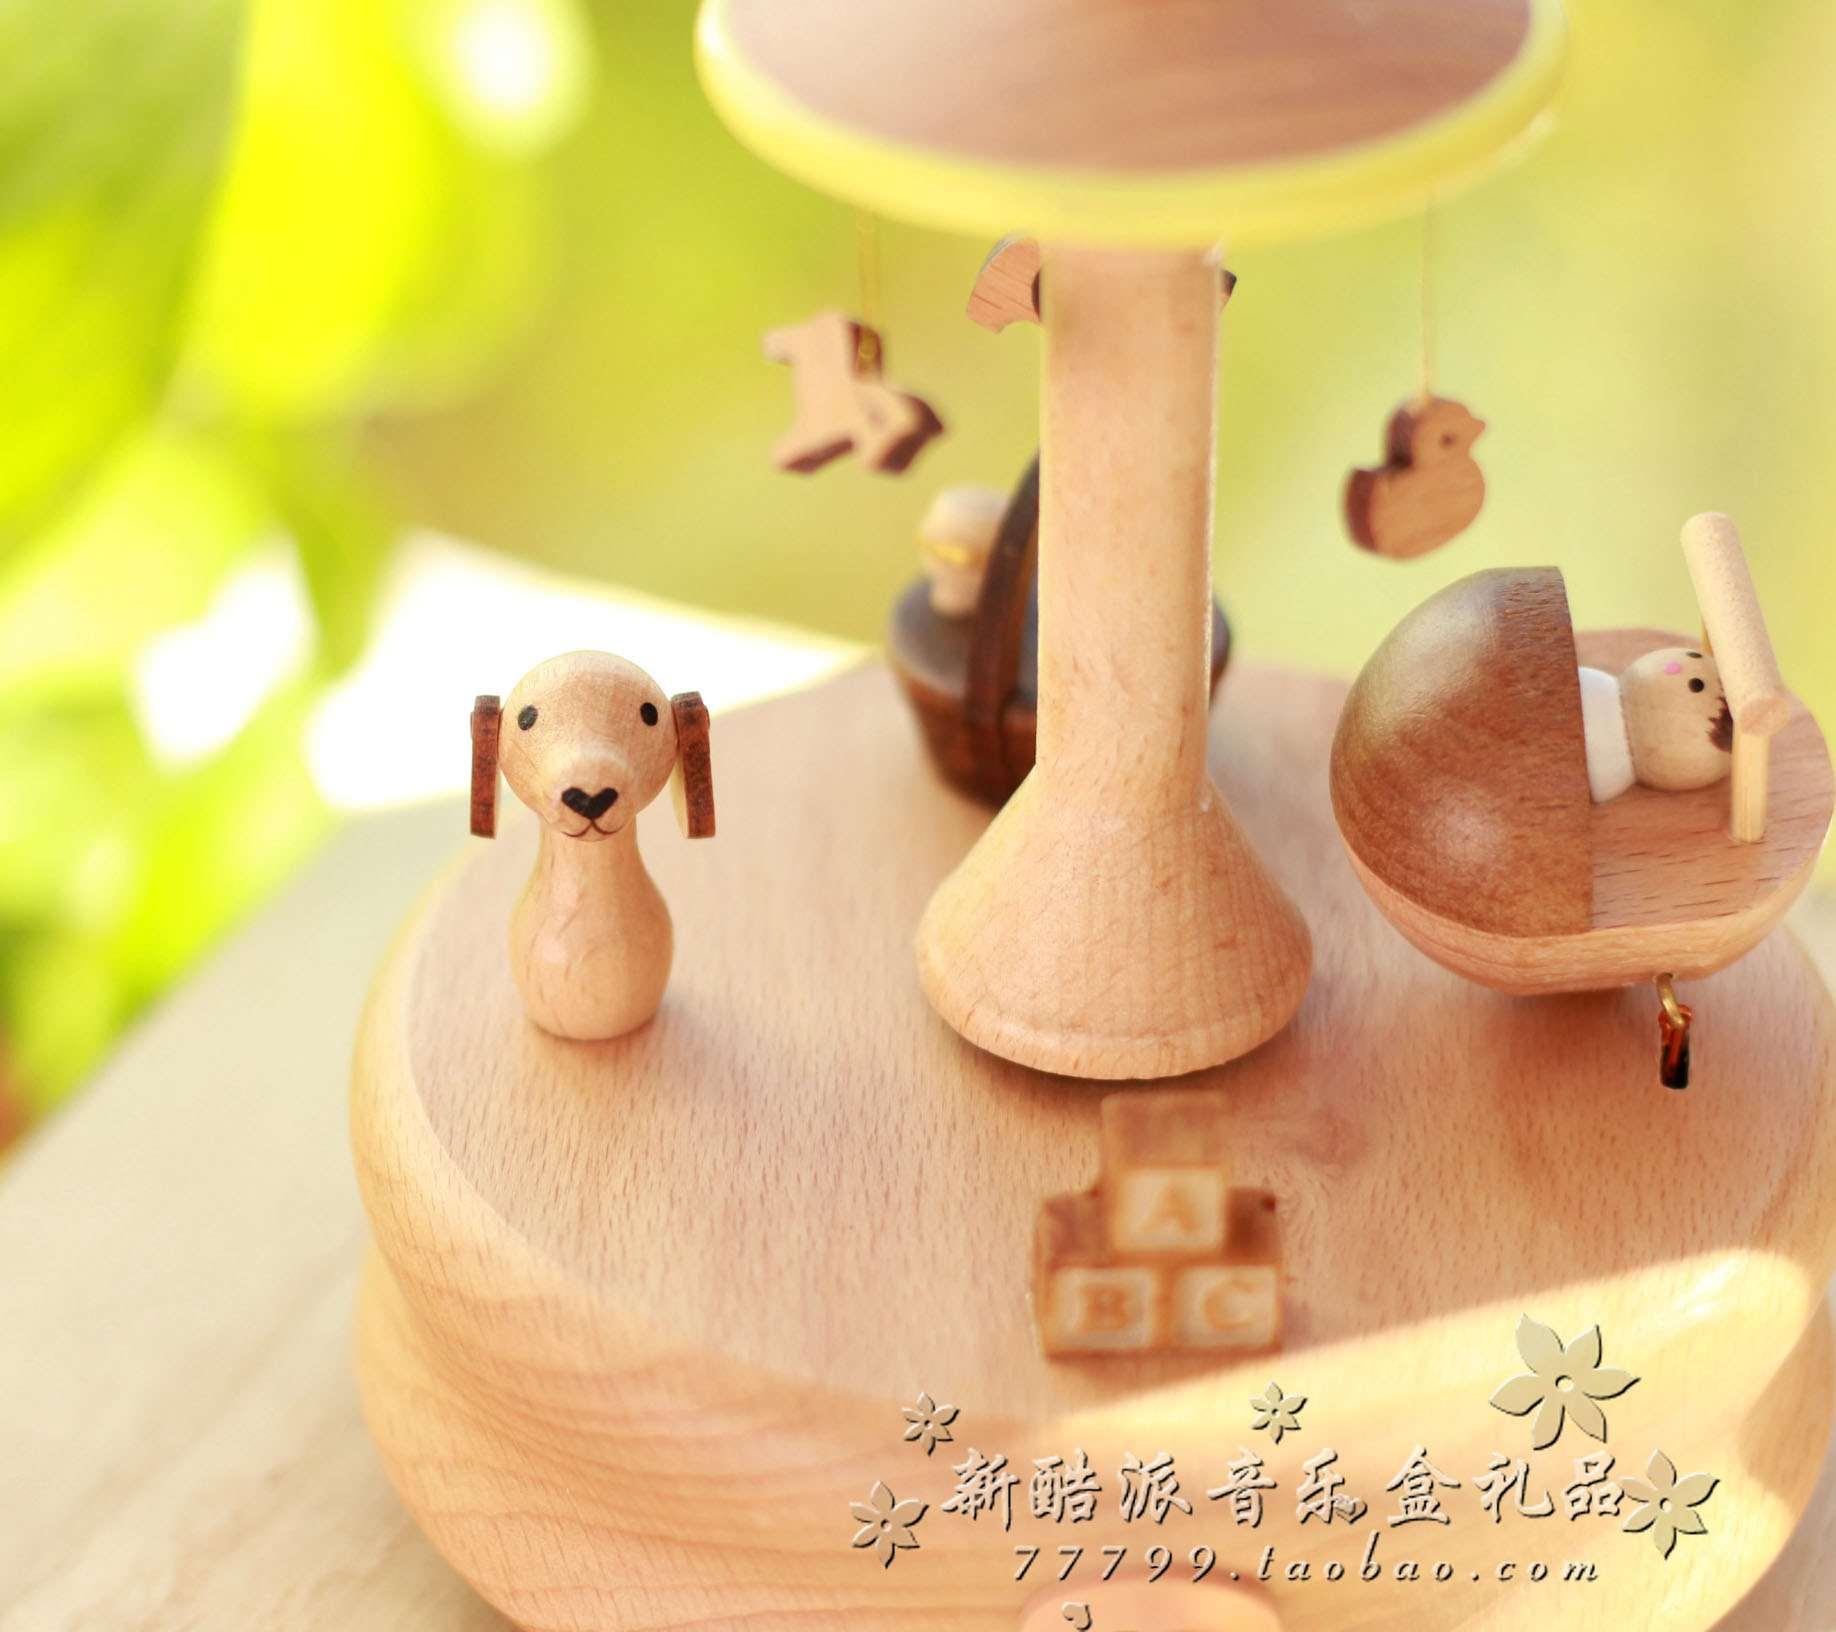 音乐盒八音盒精品木质发条旋转摇摇床儿童男女生日圣诞情人节礼物